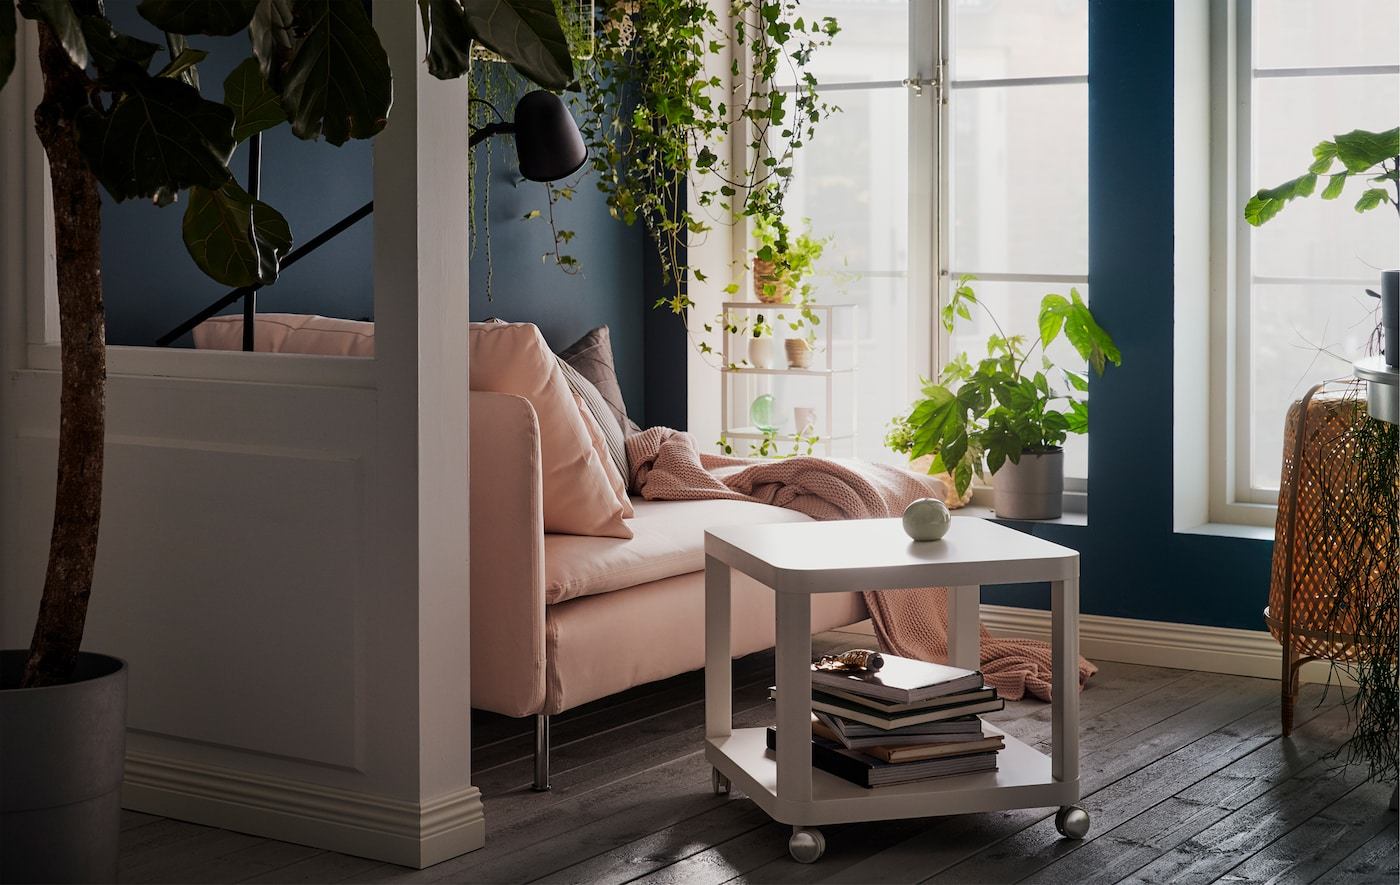 Počivaljka pokraj visokih prozora kroz koje dopiru sučeve zrake. Ukrasni jastuci, lagana deka i lampa za čitanje. Biljke na prozorskoj dasci, viseće biljke i biljke na zidnim policama.